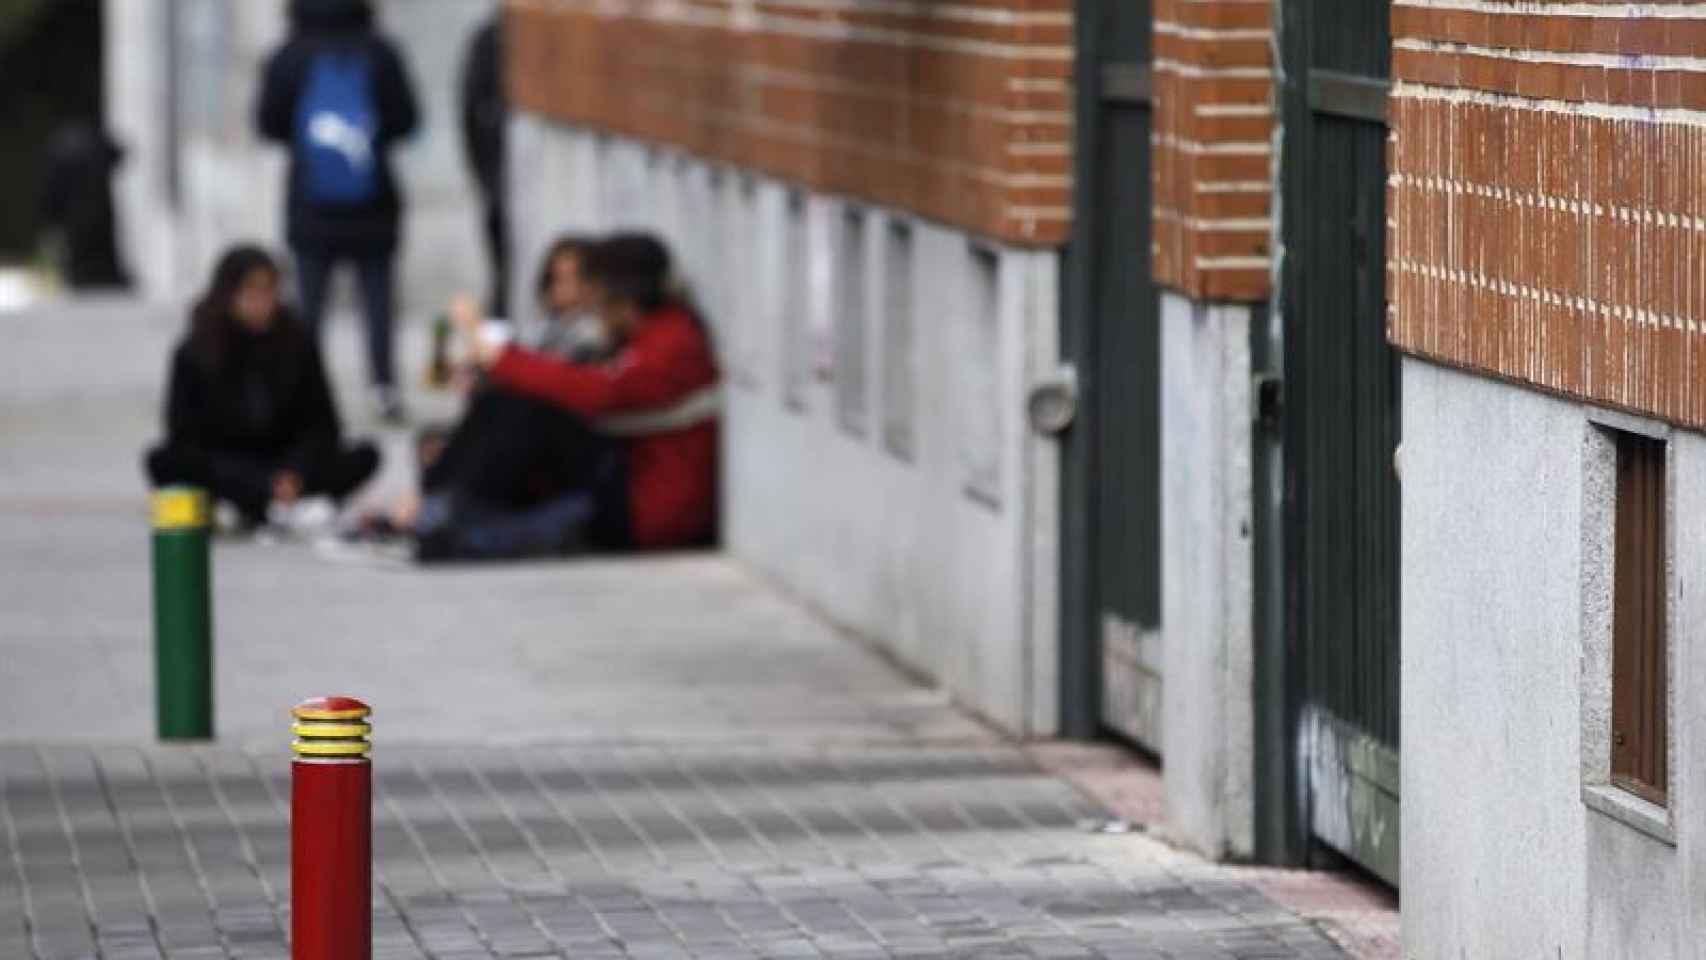 Algunos alumnos en el IES Juan de La Cierva de Madrid durante la jornada de huelga por la Lomce.